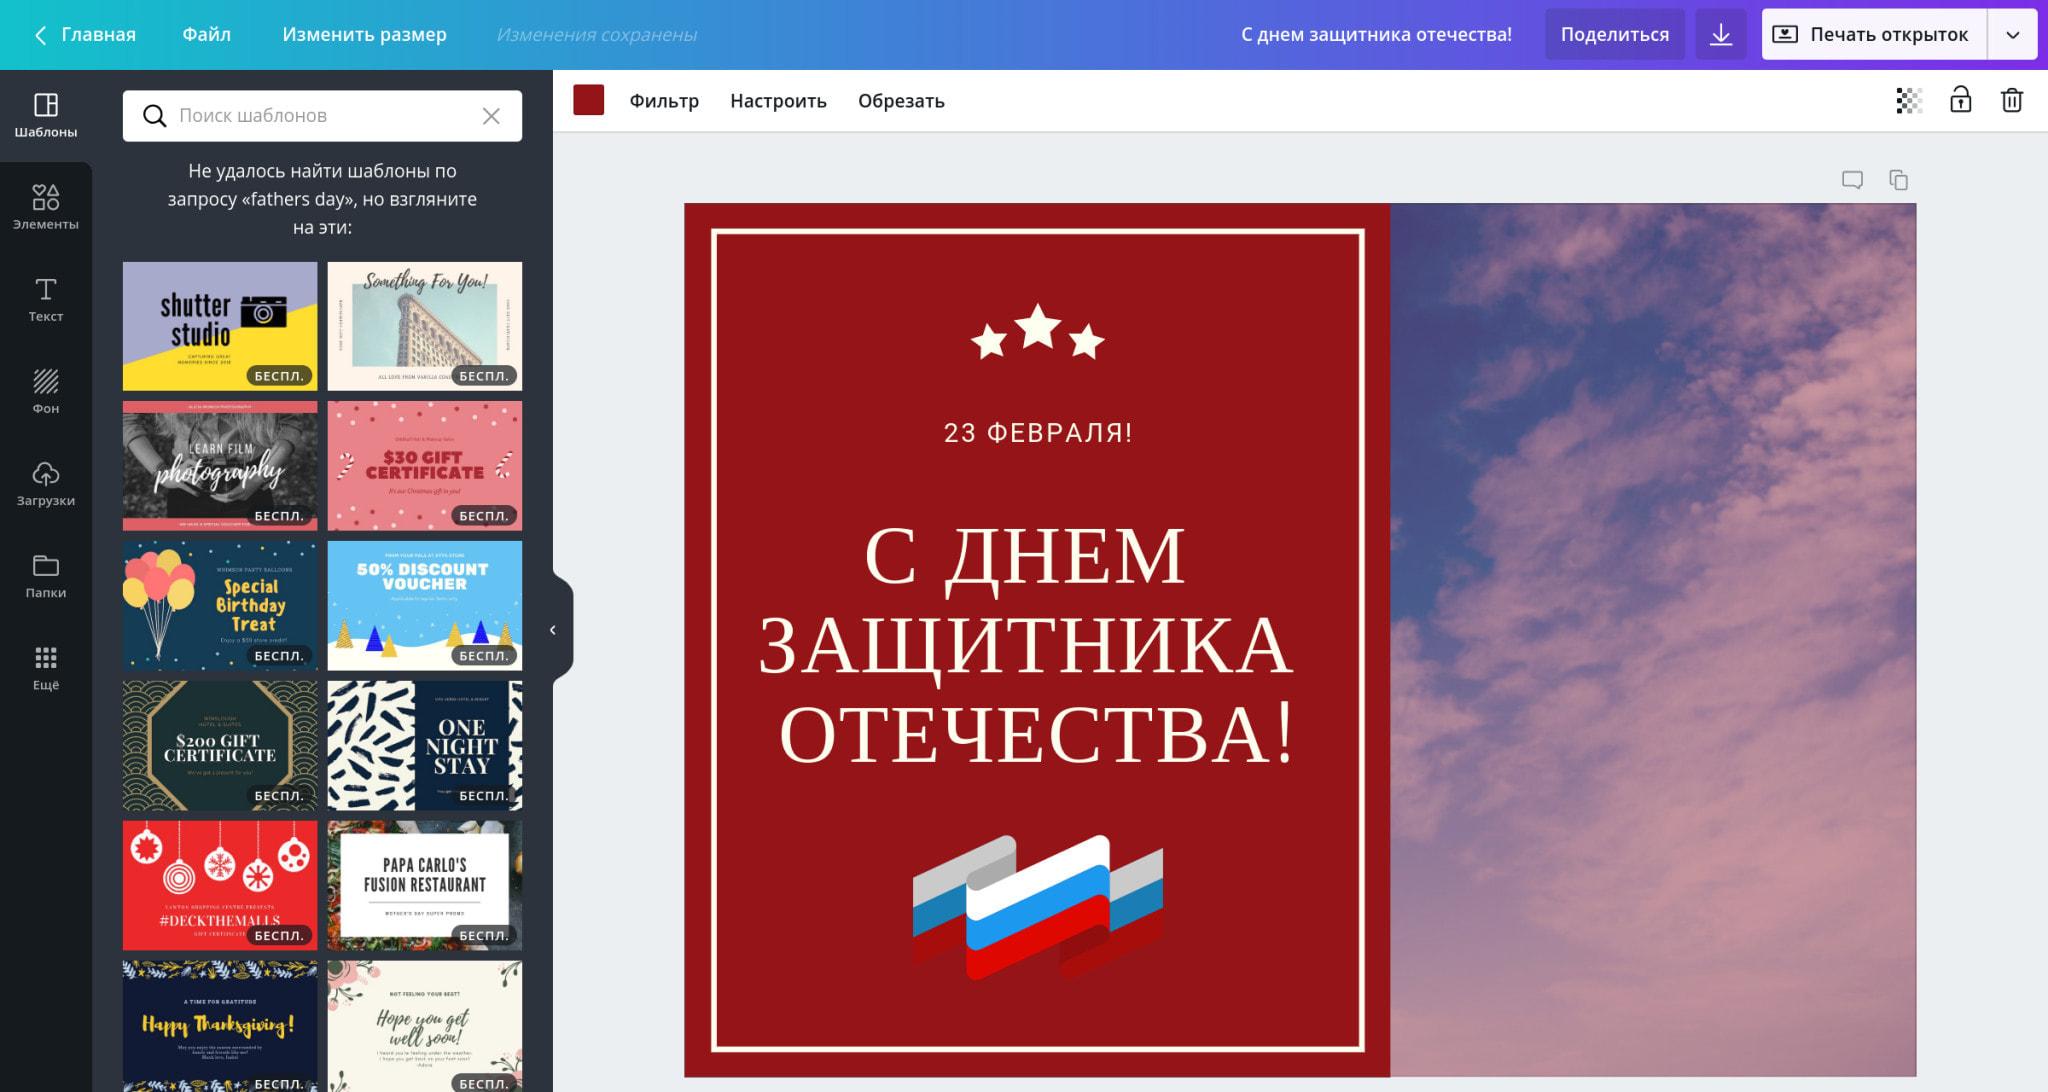 Дизайн открытки на 23 февраля в конструкторе открытки на русском языке